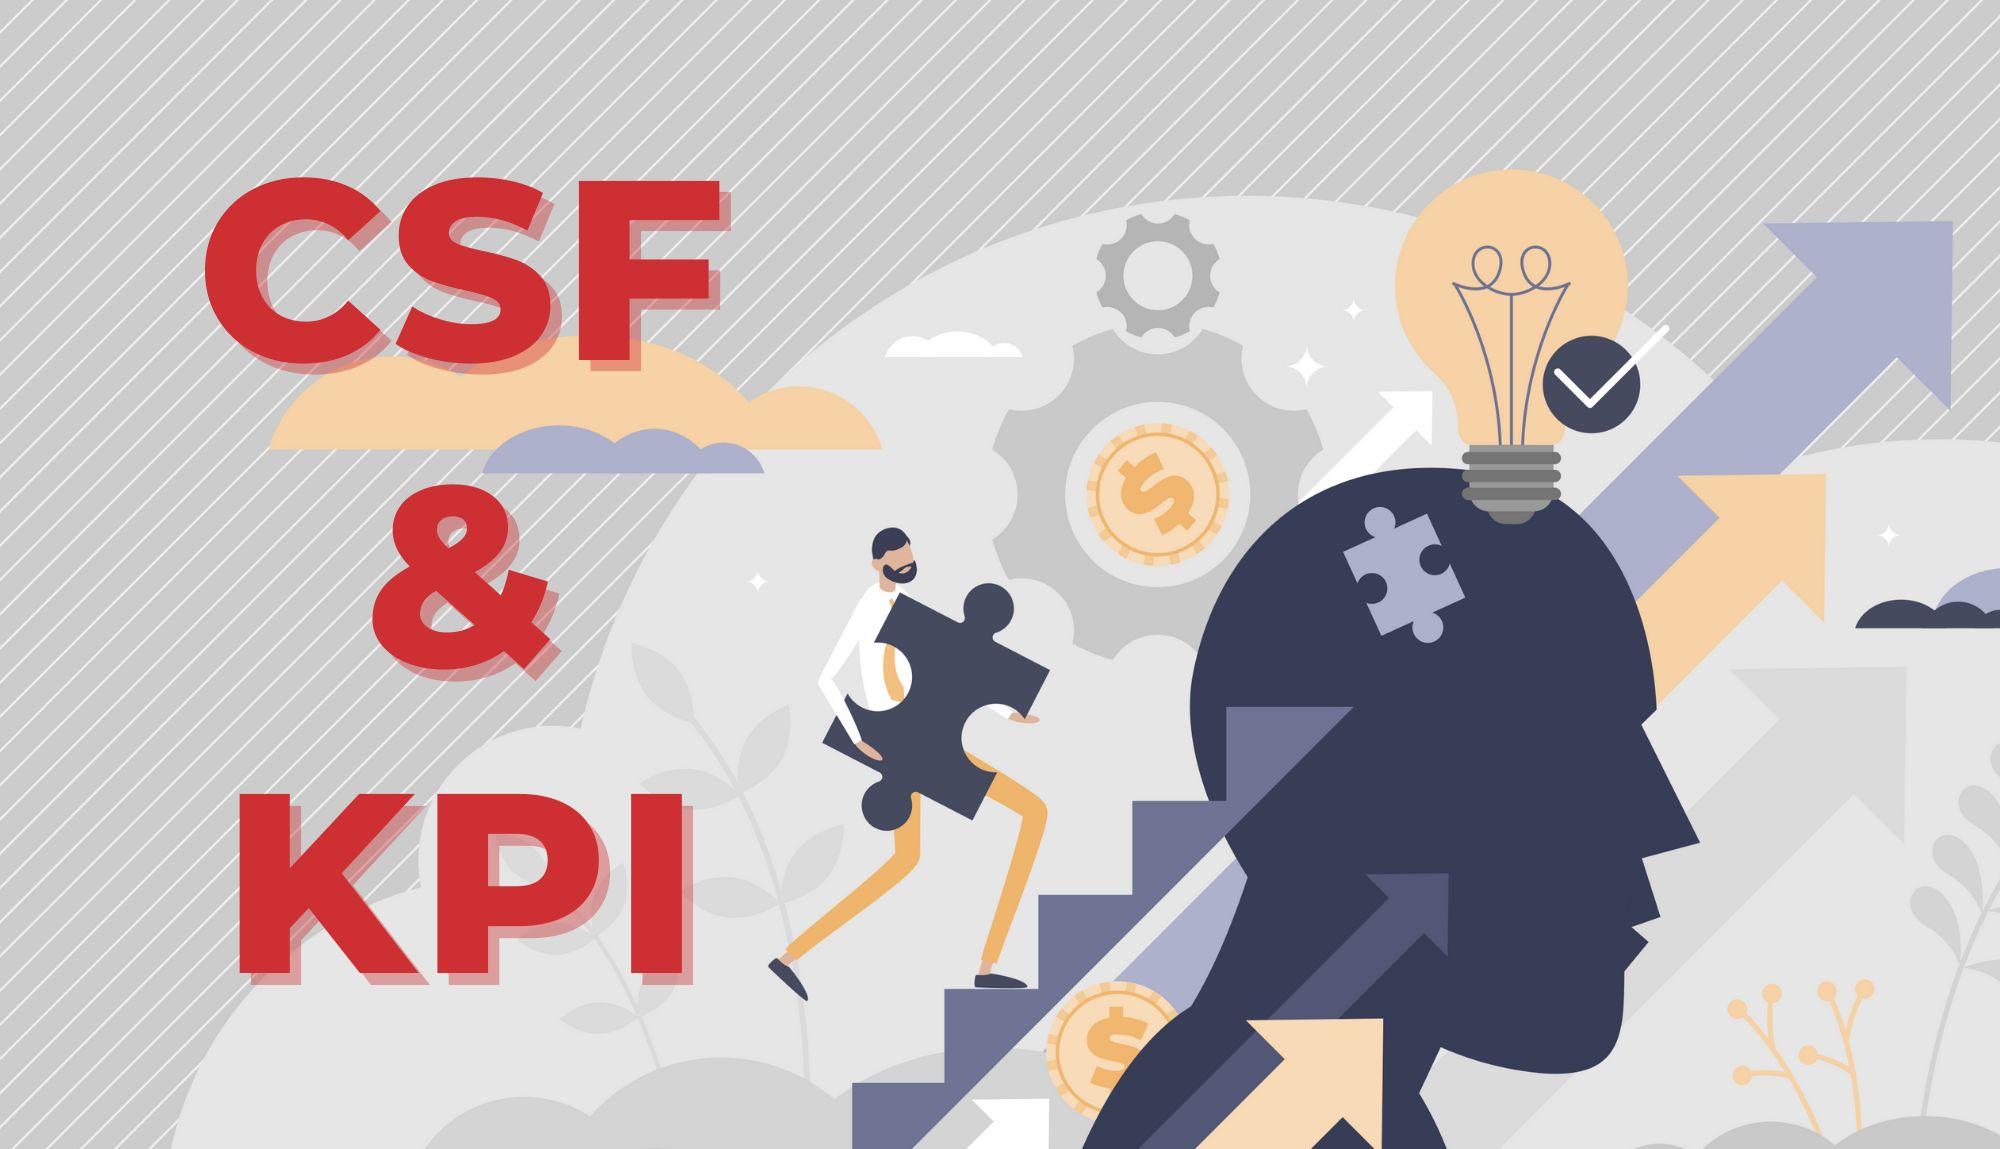 CSF là gì? Tại sao nên kết hợp cả CSF và KPI trong quản trị mục tiêu?